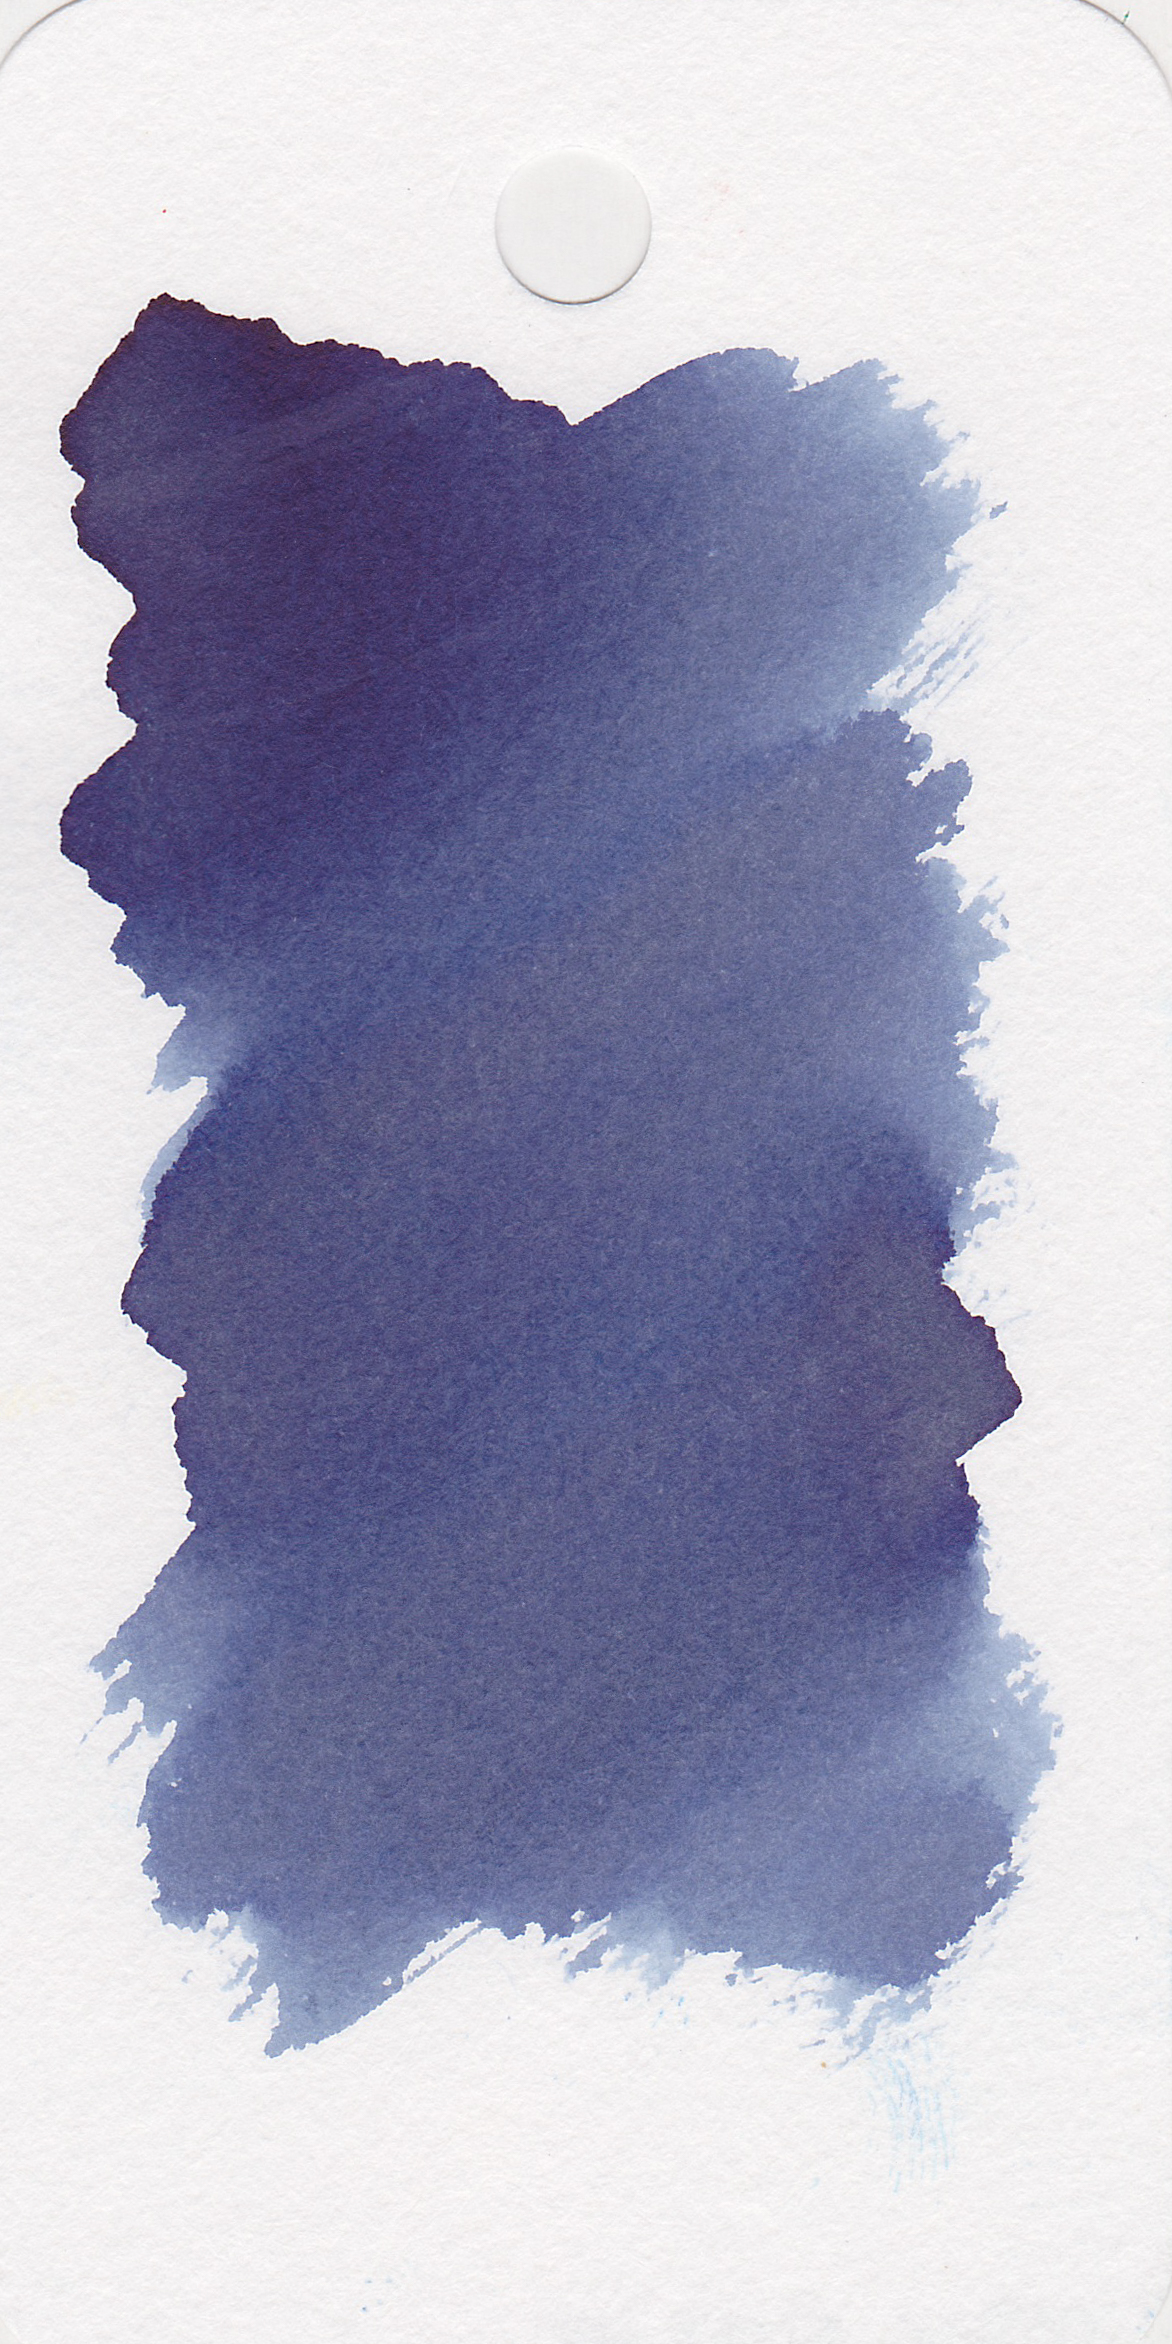 ro-darkstar-blue-4.jpg